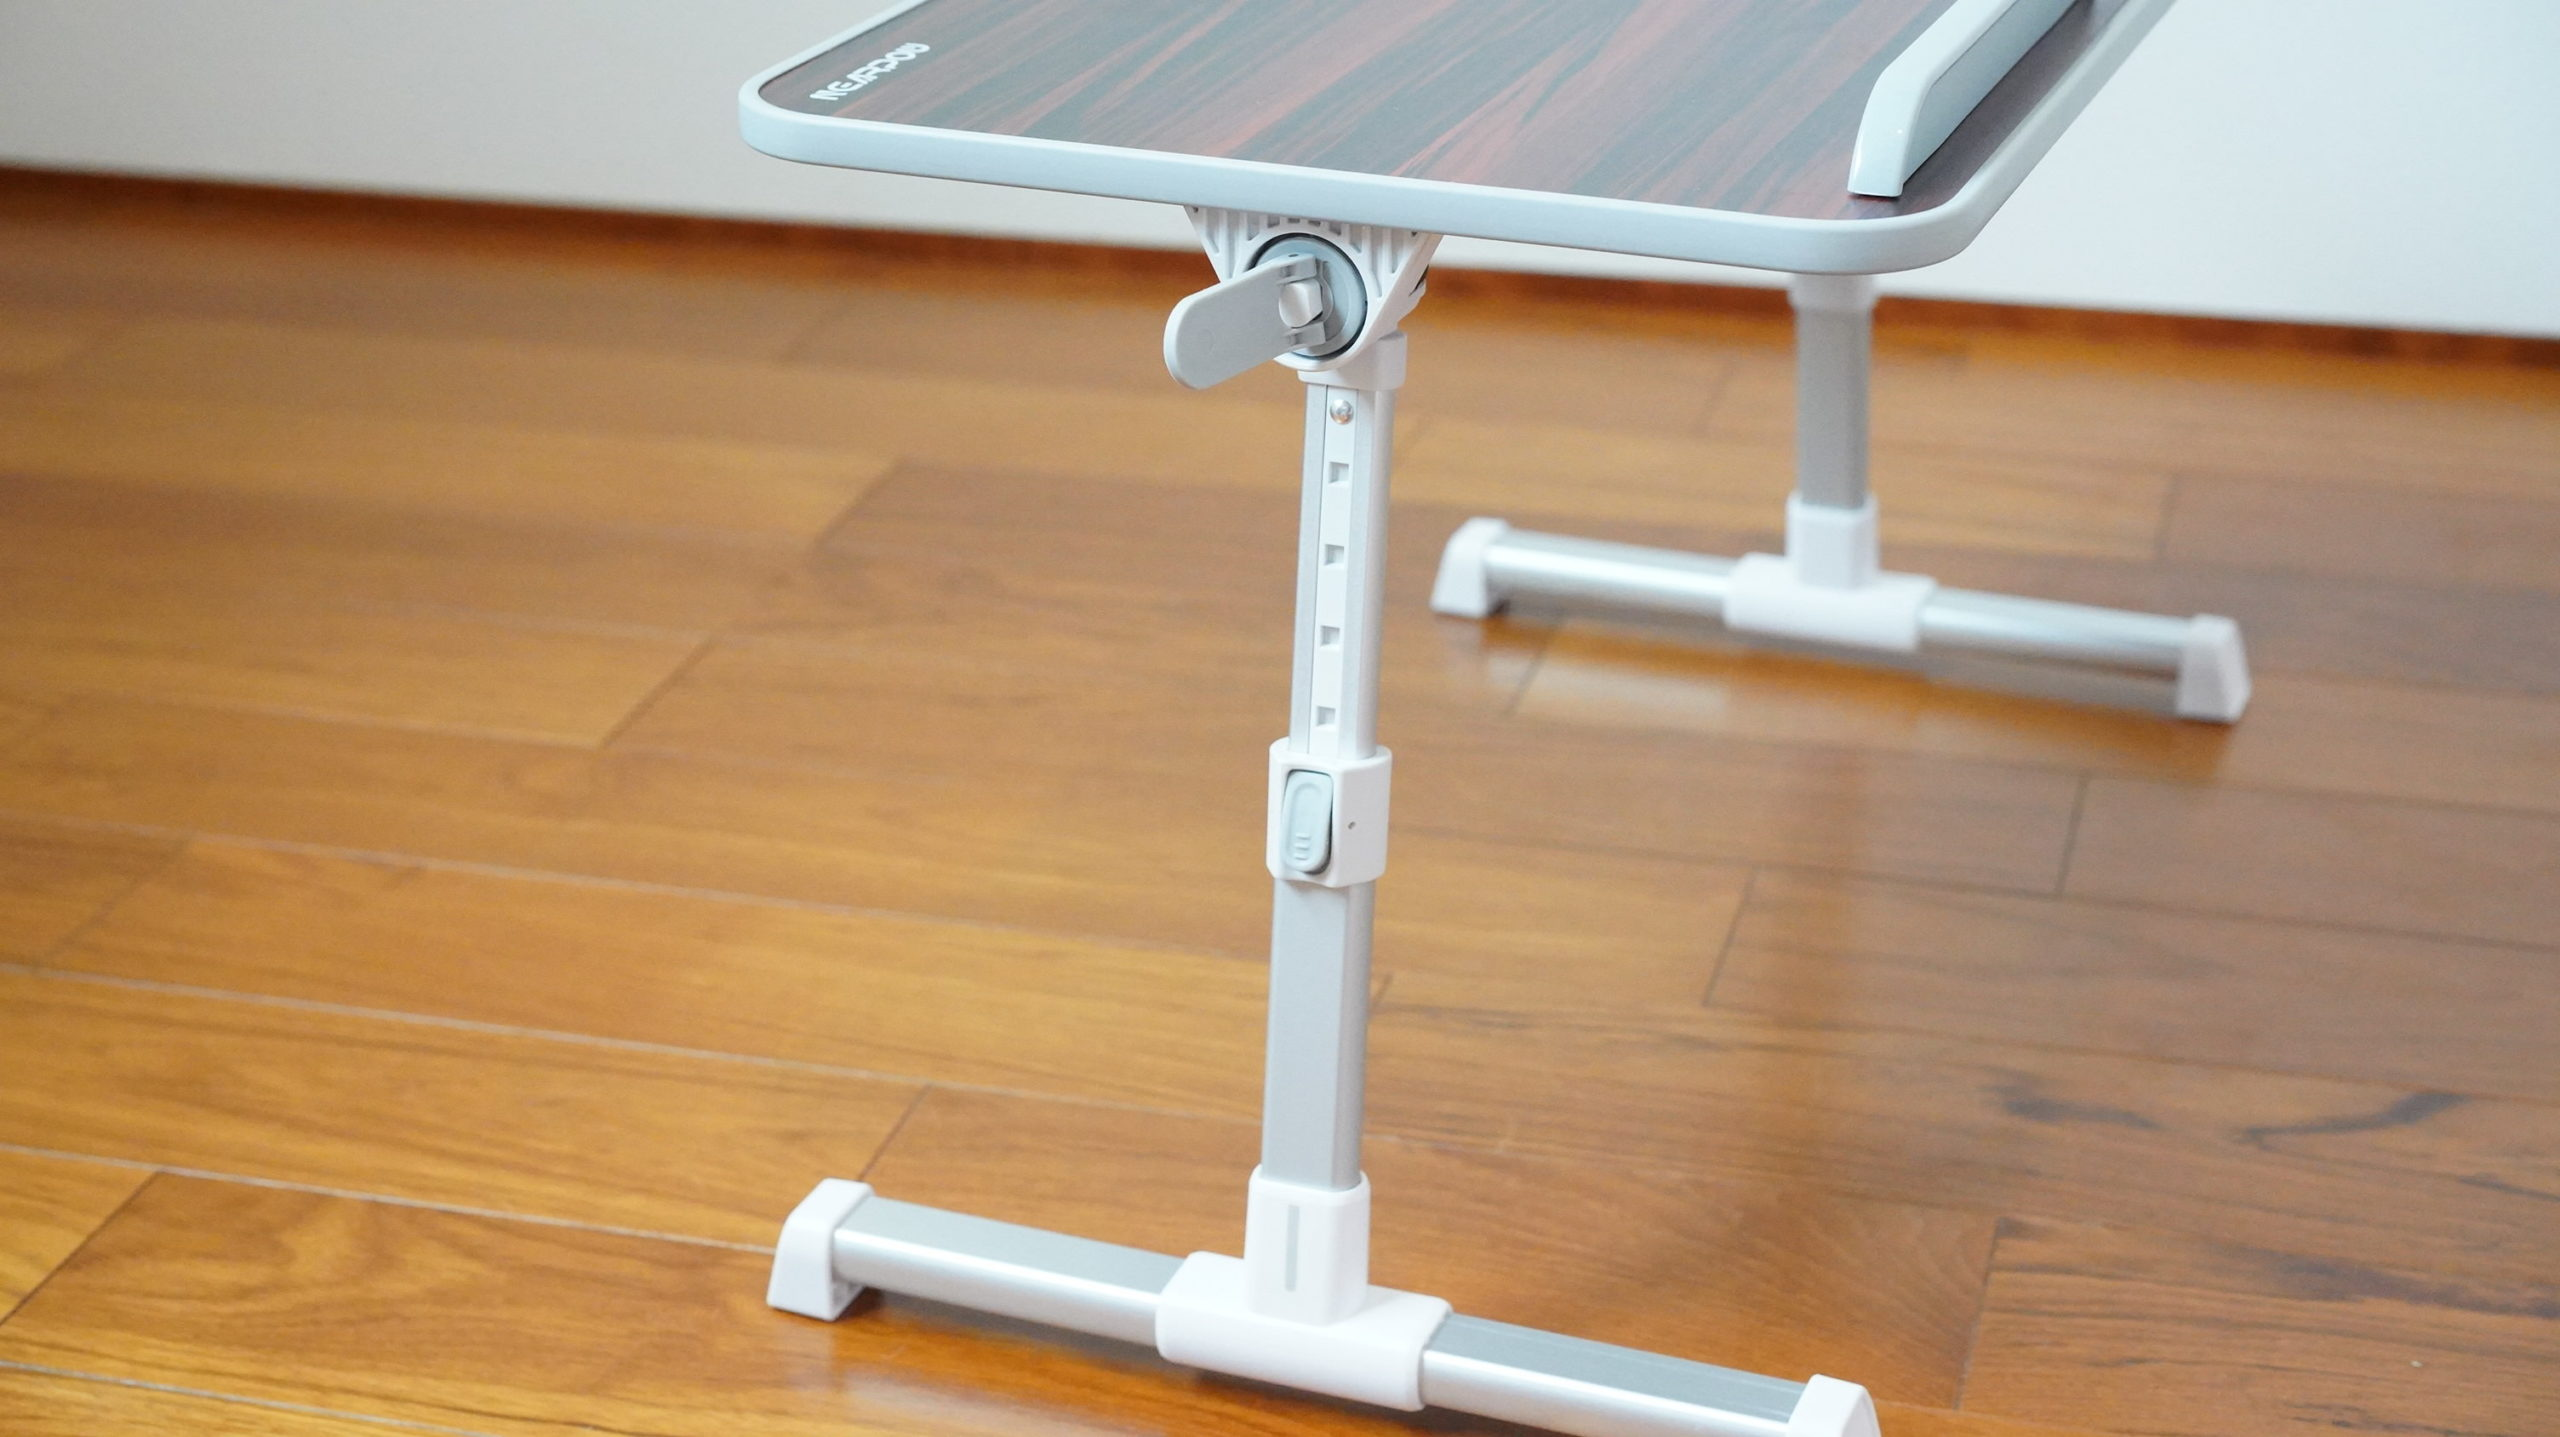 ソファやベッドでパソコン(ノートPC)の作業を姿勢良く行い、膝での作業をなくす最適なテーブル・スタンド13